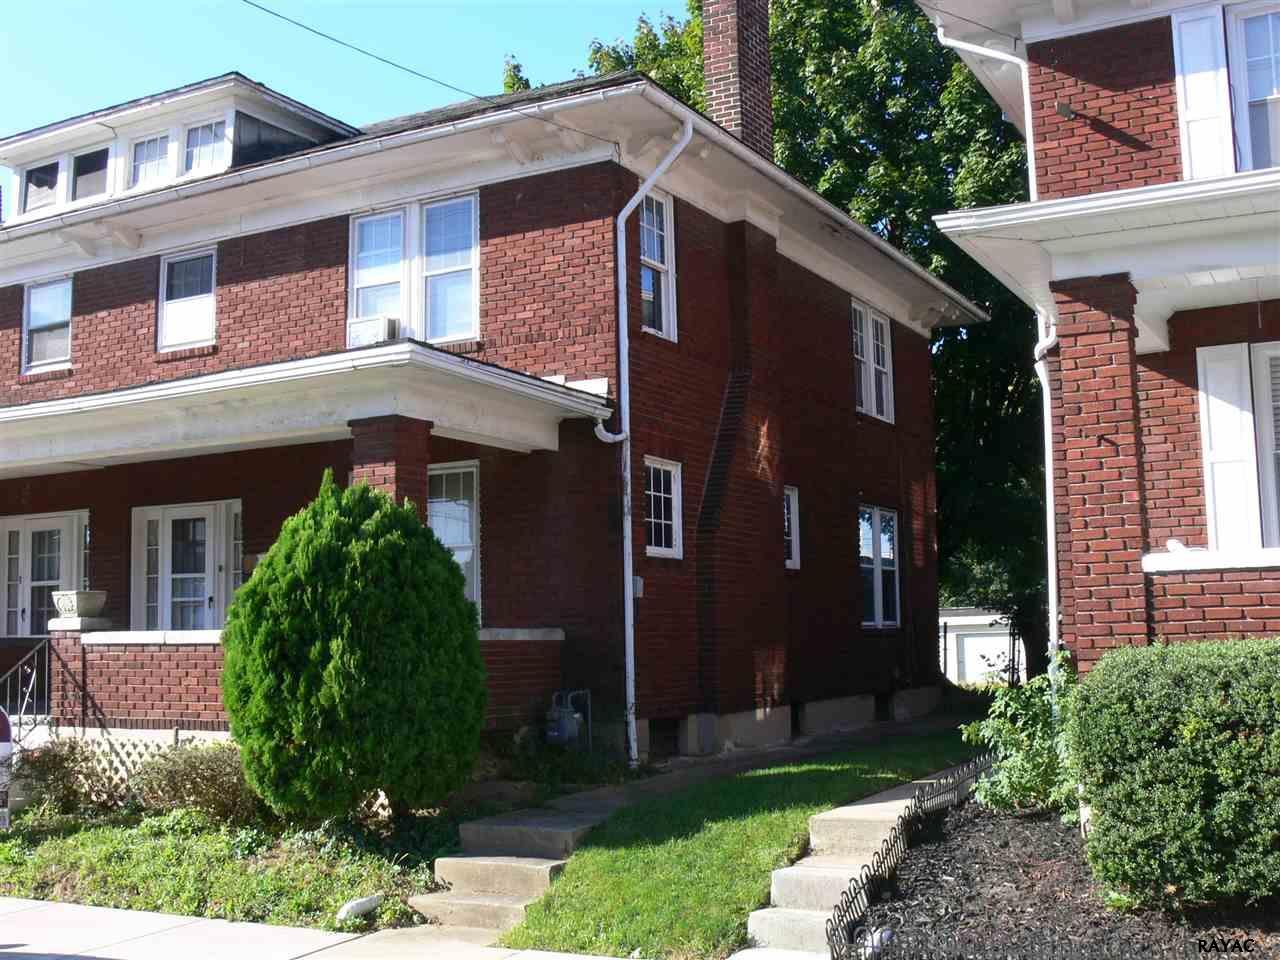 714 S Pershing Ave, York, PA 17401